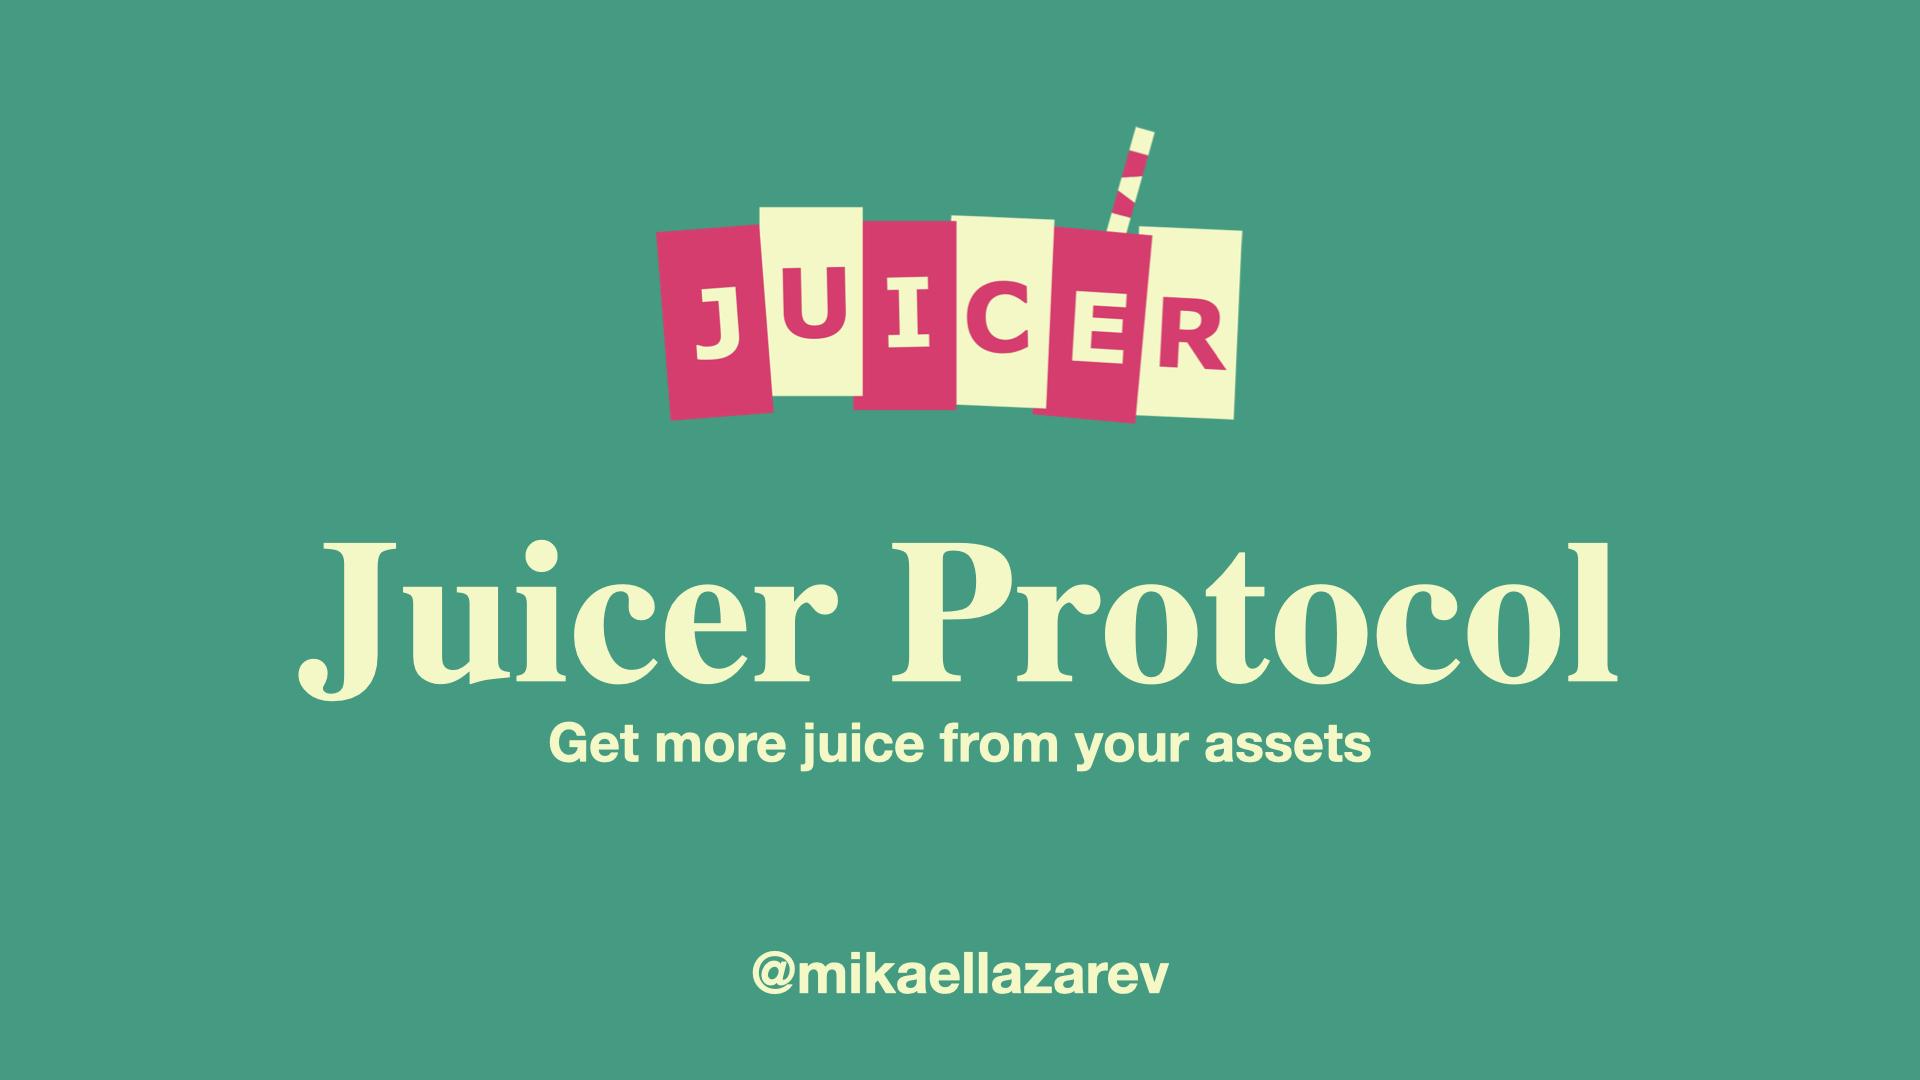 Juicer Protocol showcase